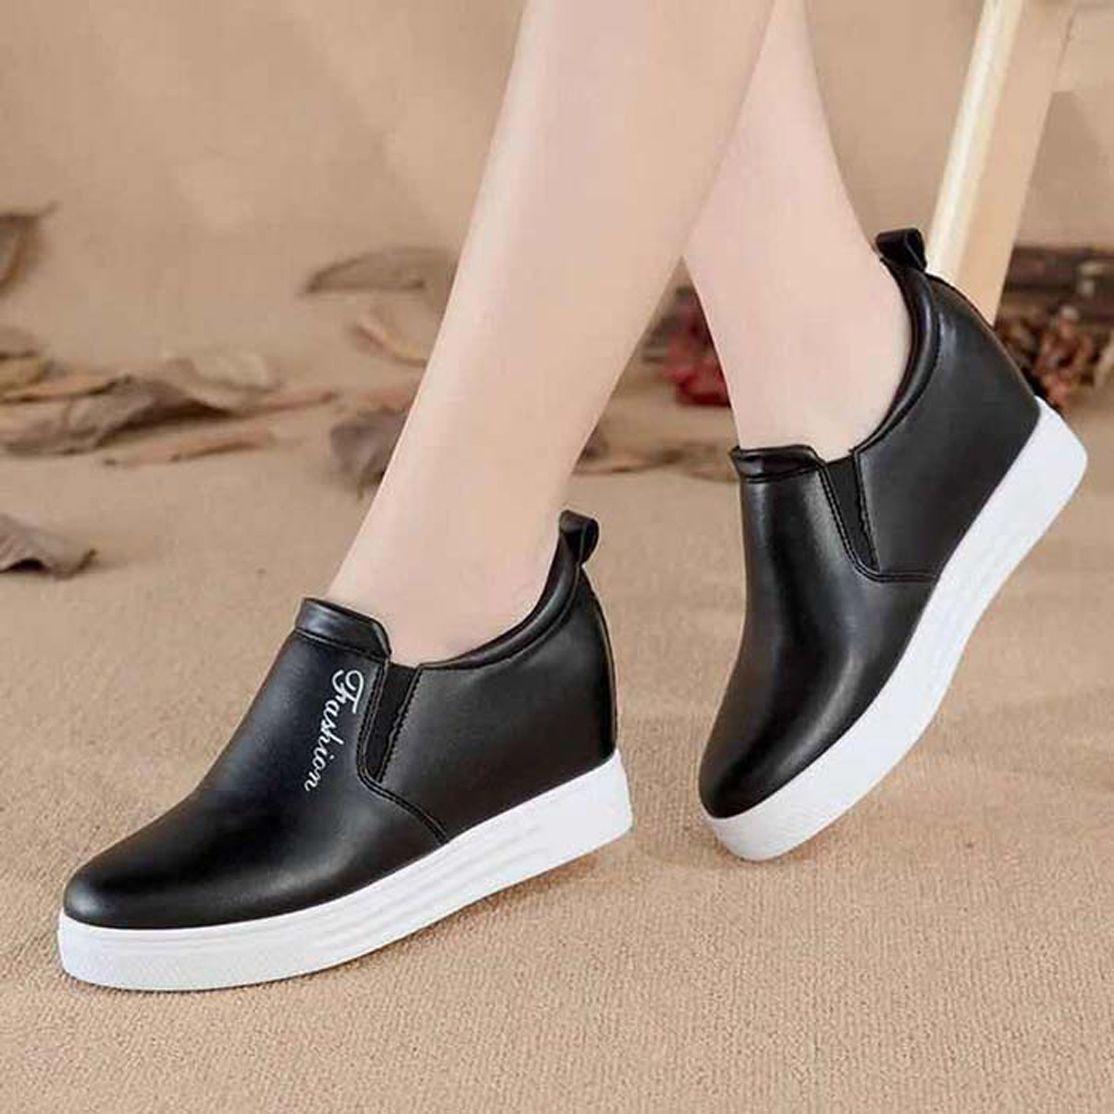 Con la scatola della scarpa da tennis scarpe casual scarpe da ginnastica di moda sportivo in pelle di alta qualità stivali pantofole dei sandali vintage per la donna 06PX65